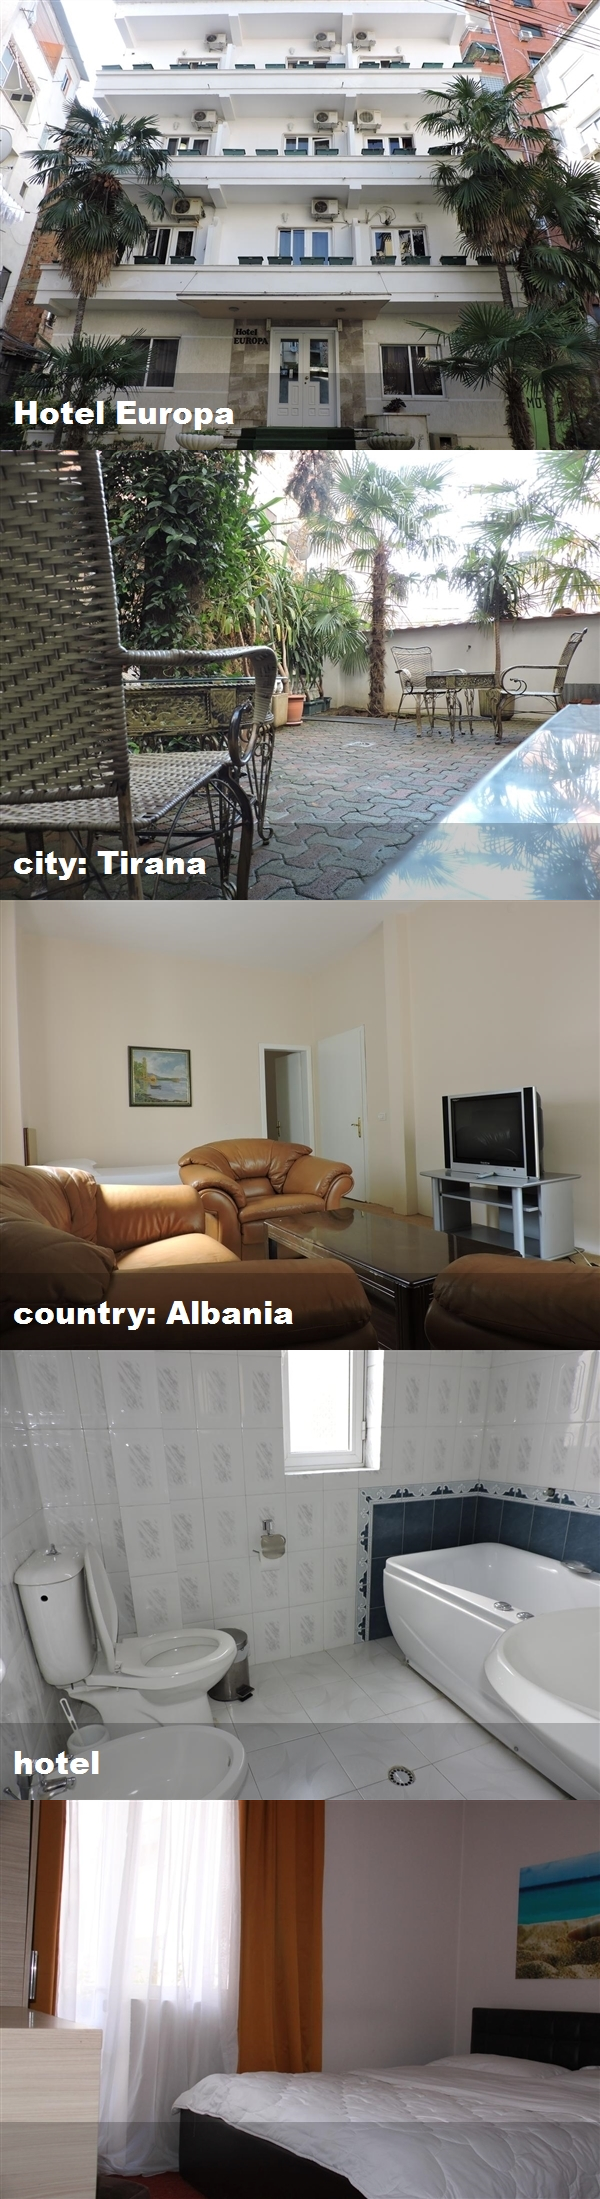 Hotel Europa City Tirana Country Albania Hotel Hotel Albania Tirana